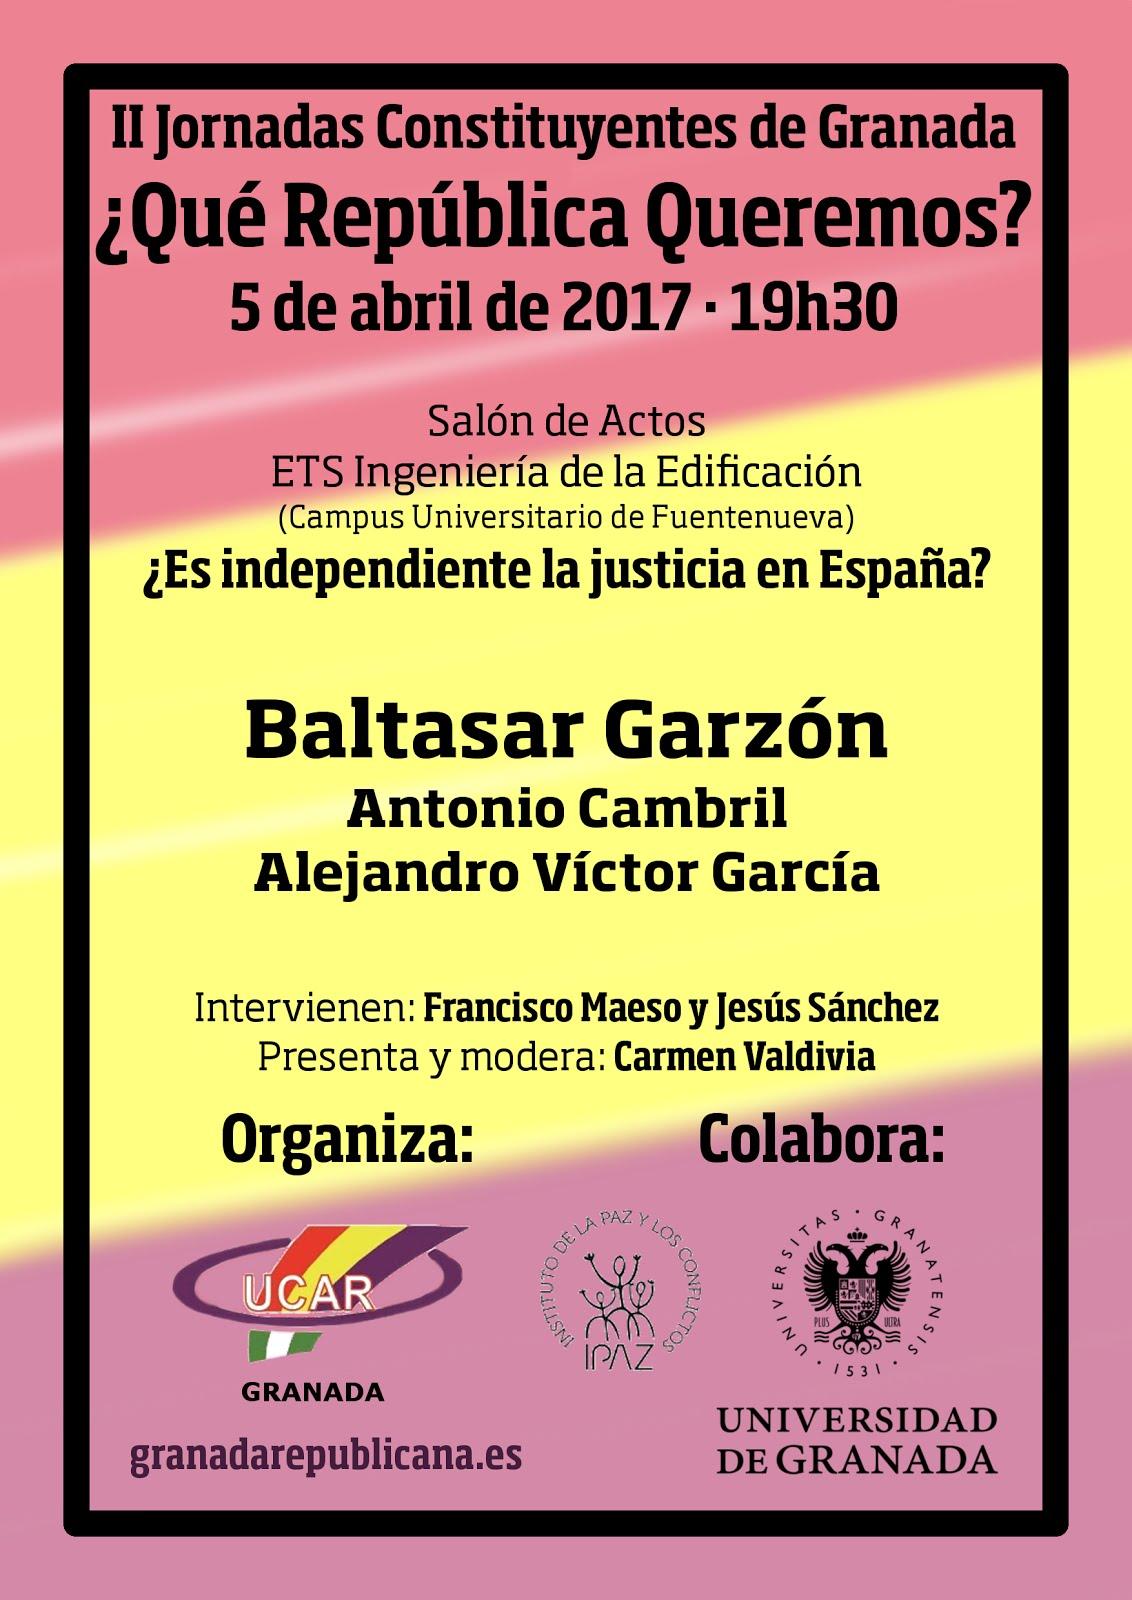 ¿Es independiente la justicia en España?